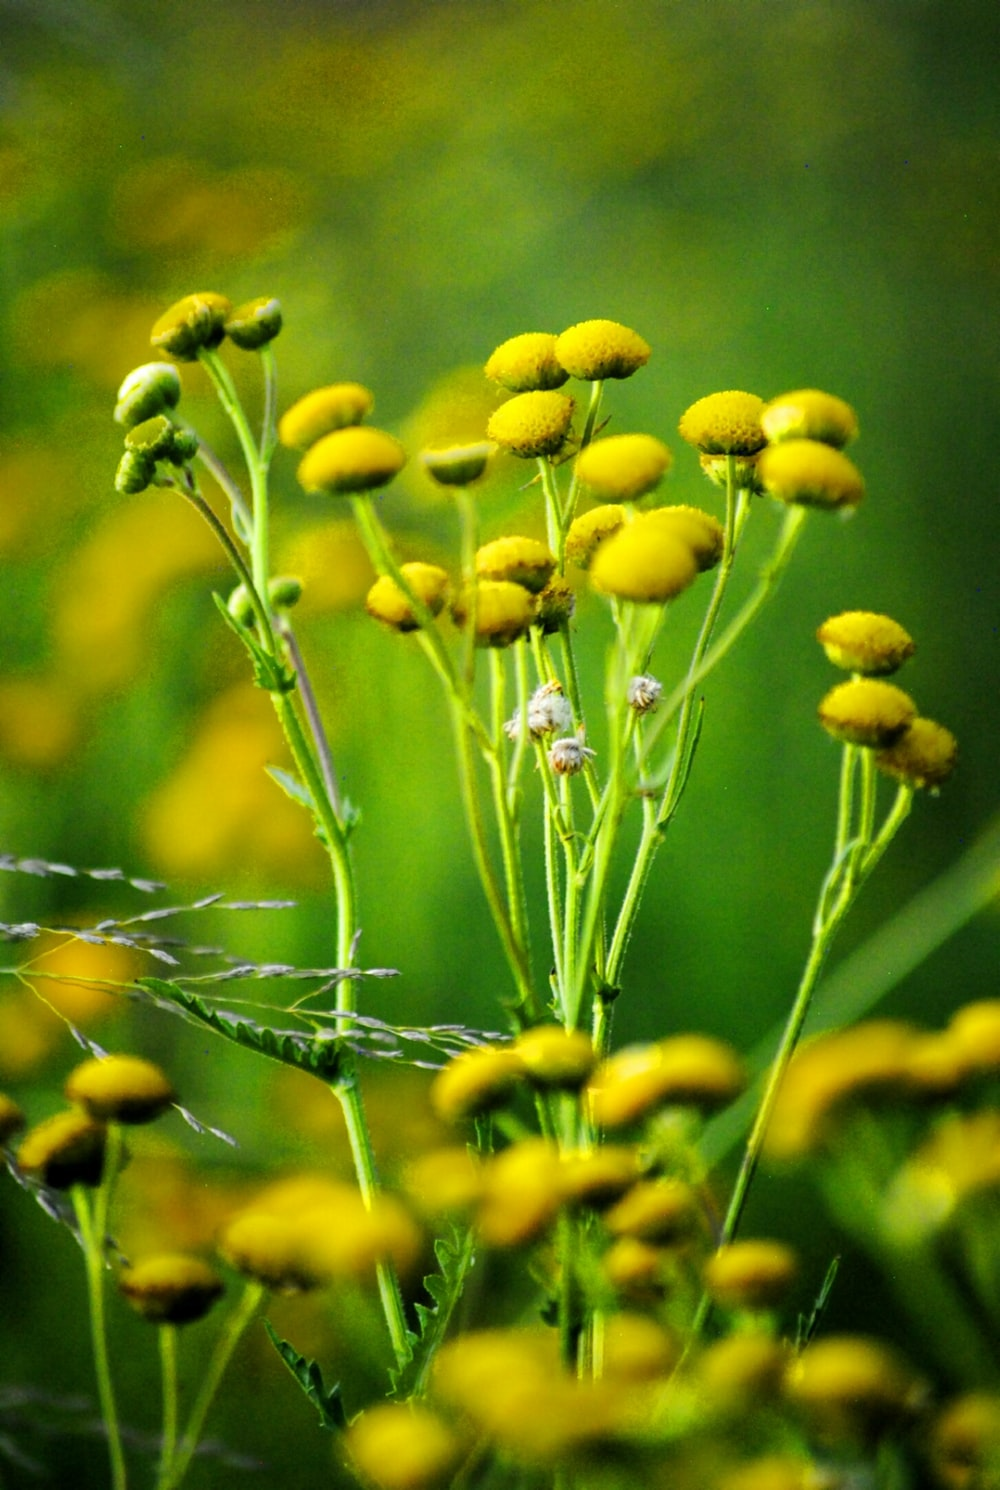 yellow flower buds in tilt shift lens